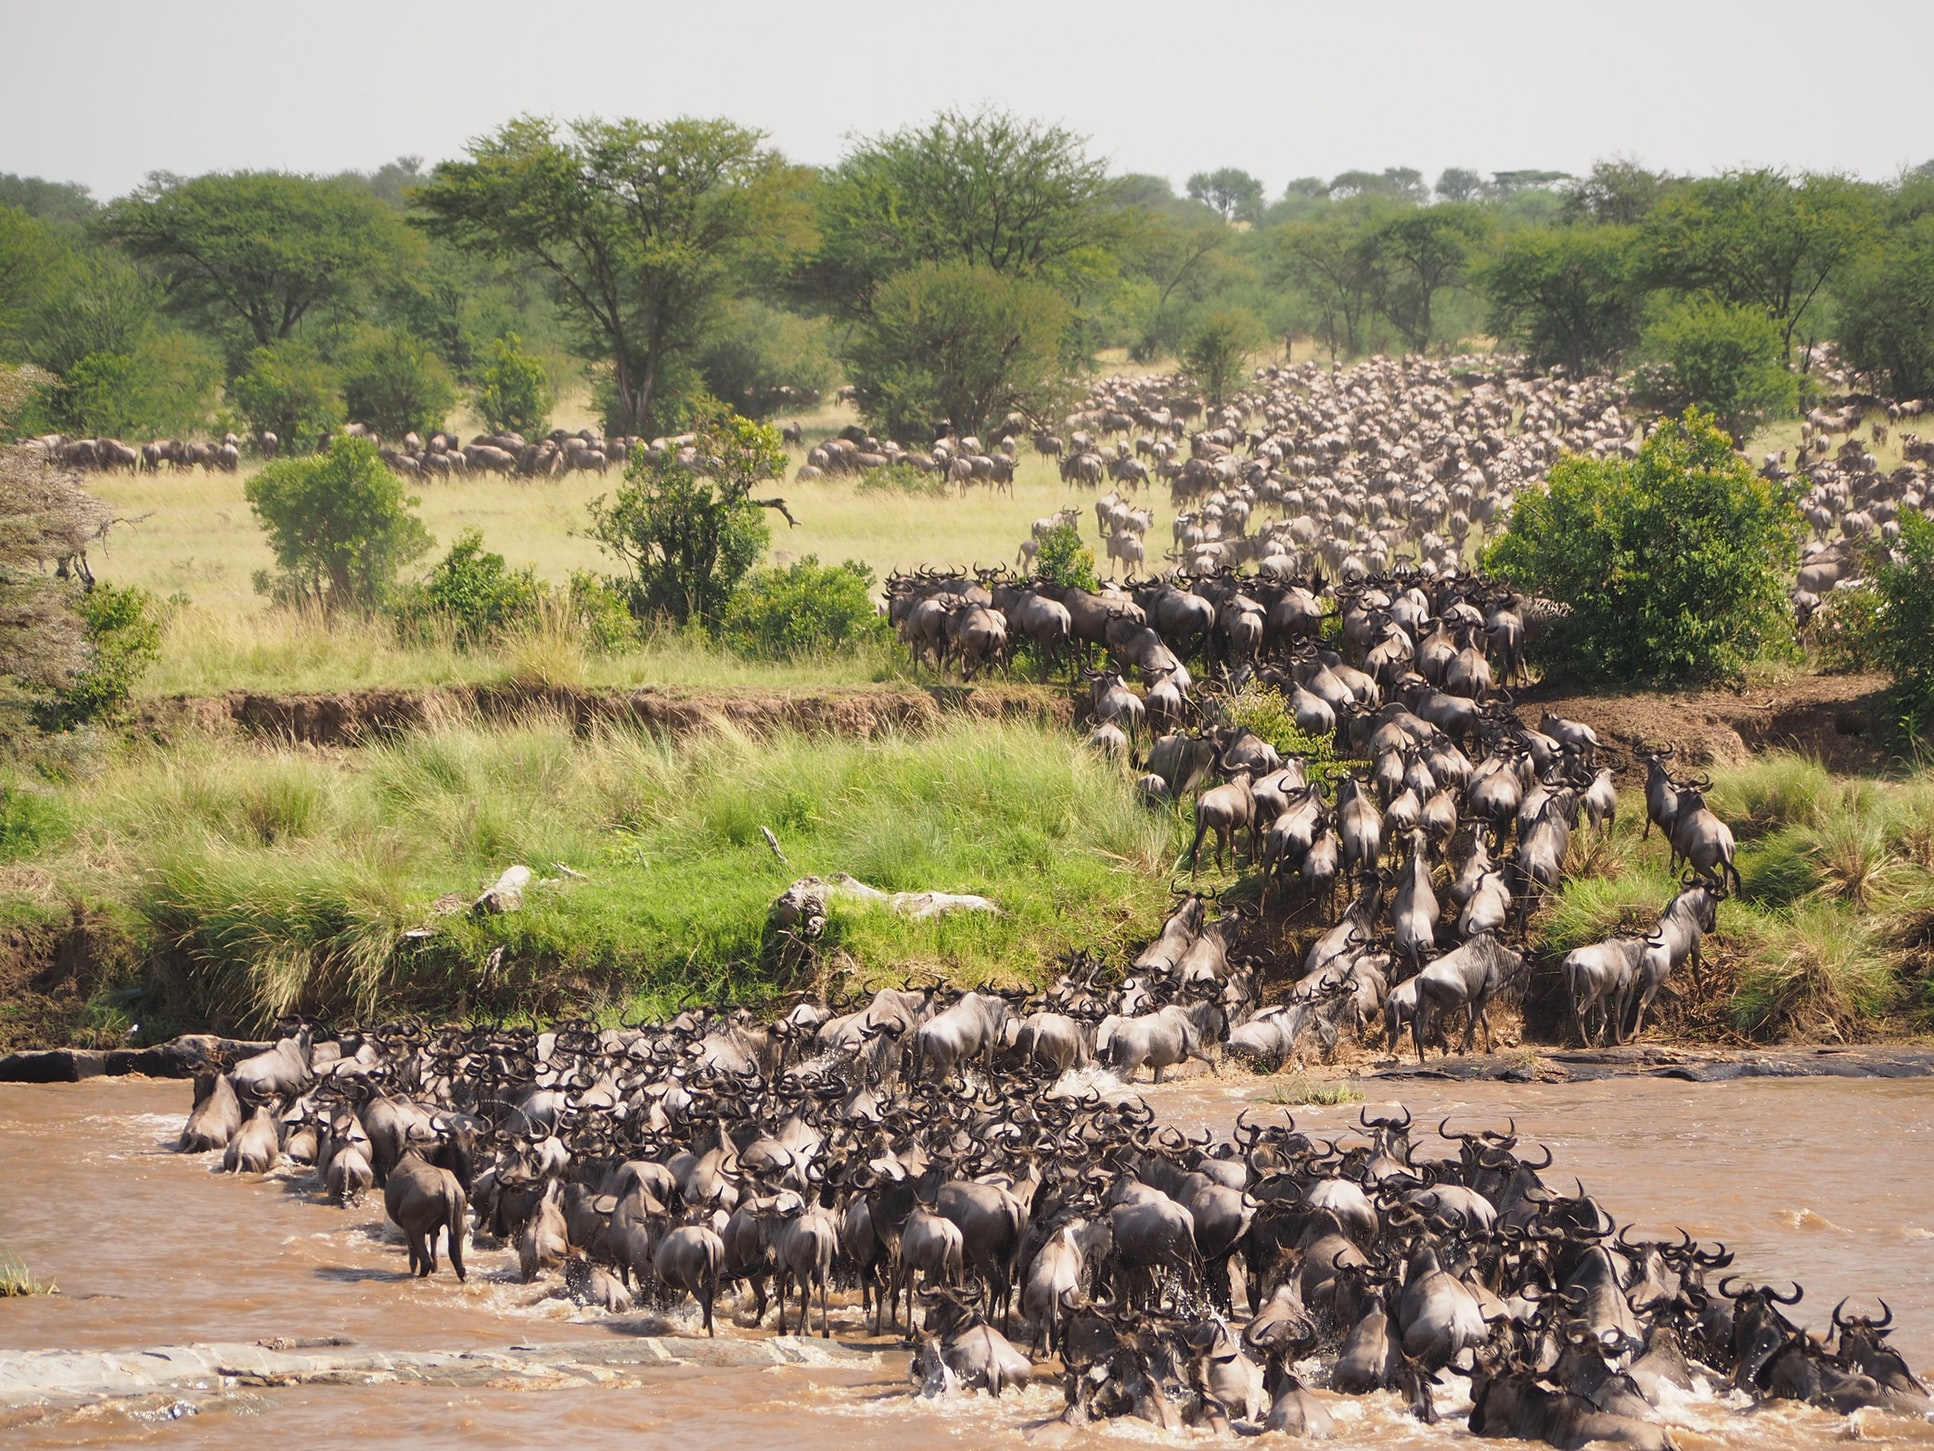 Herd photo